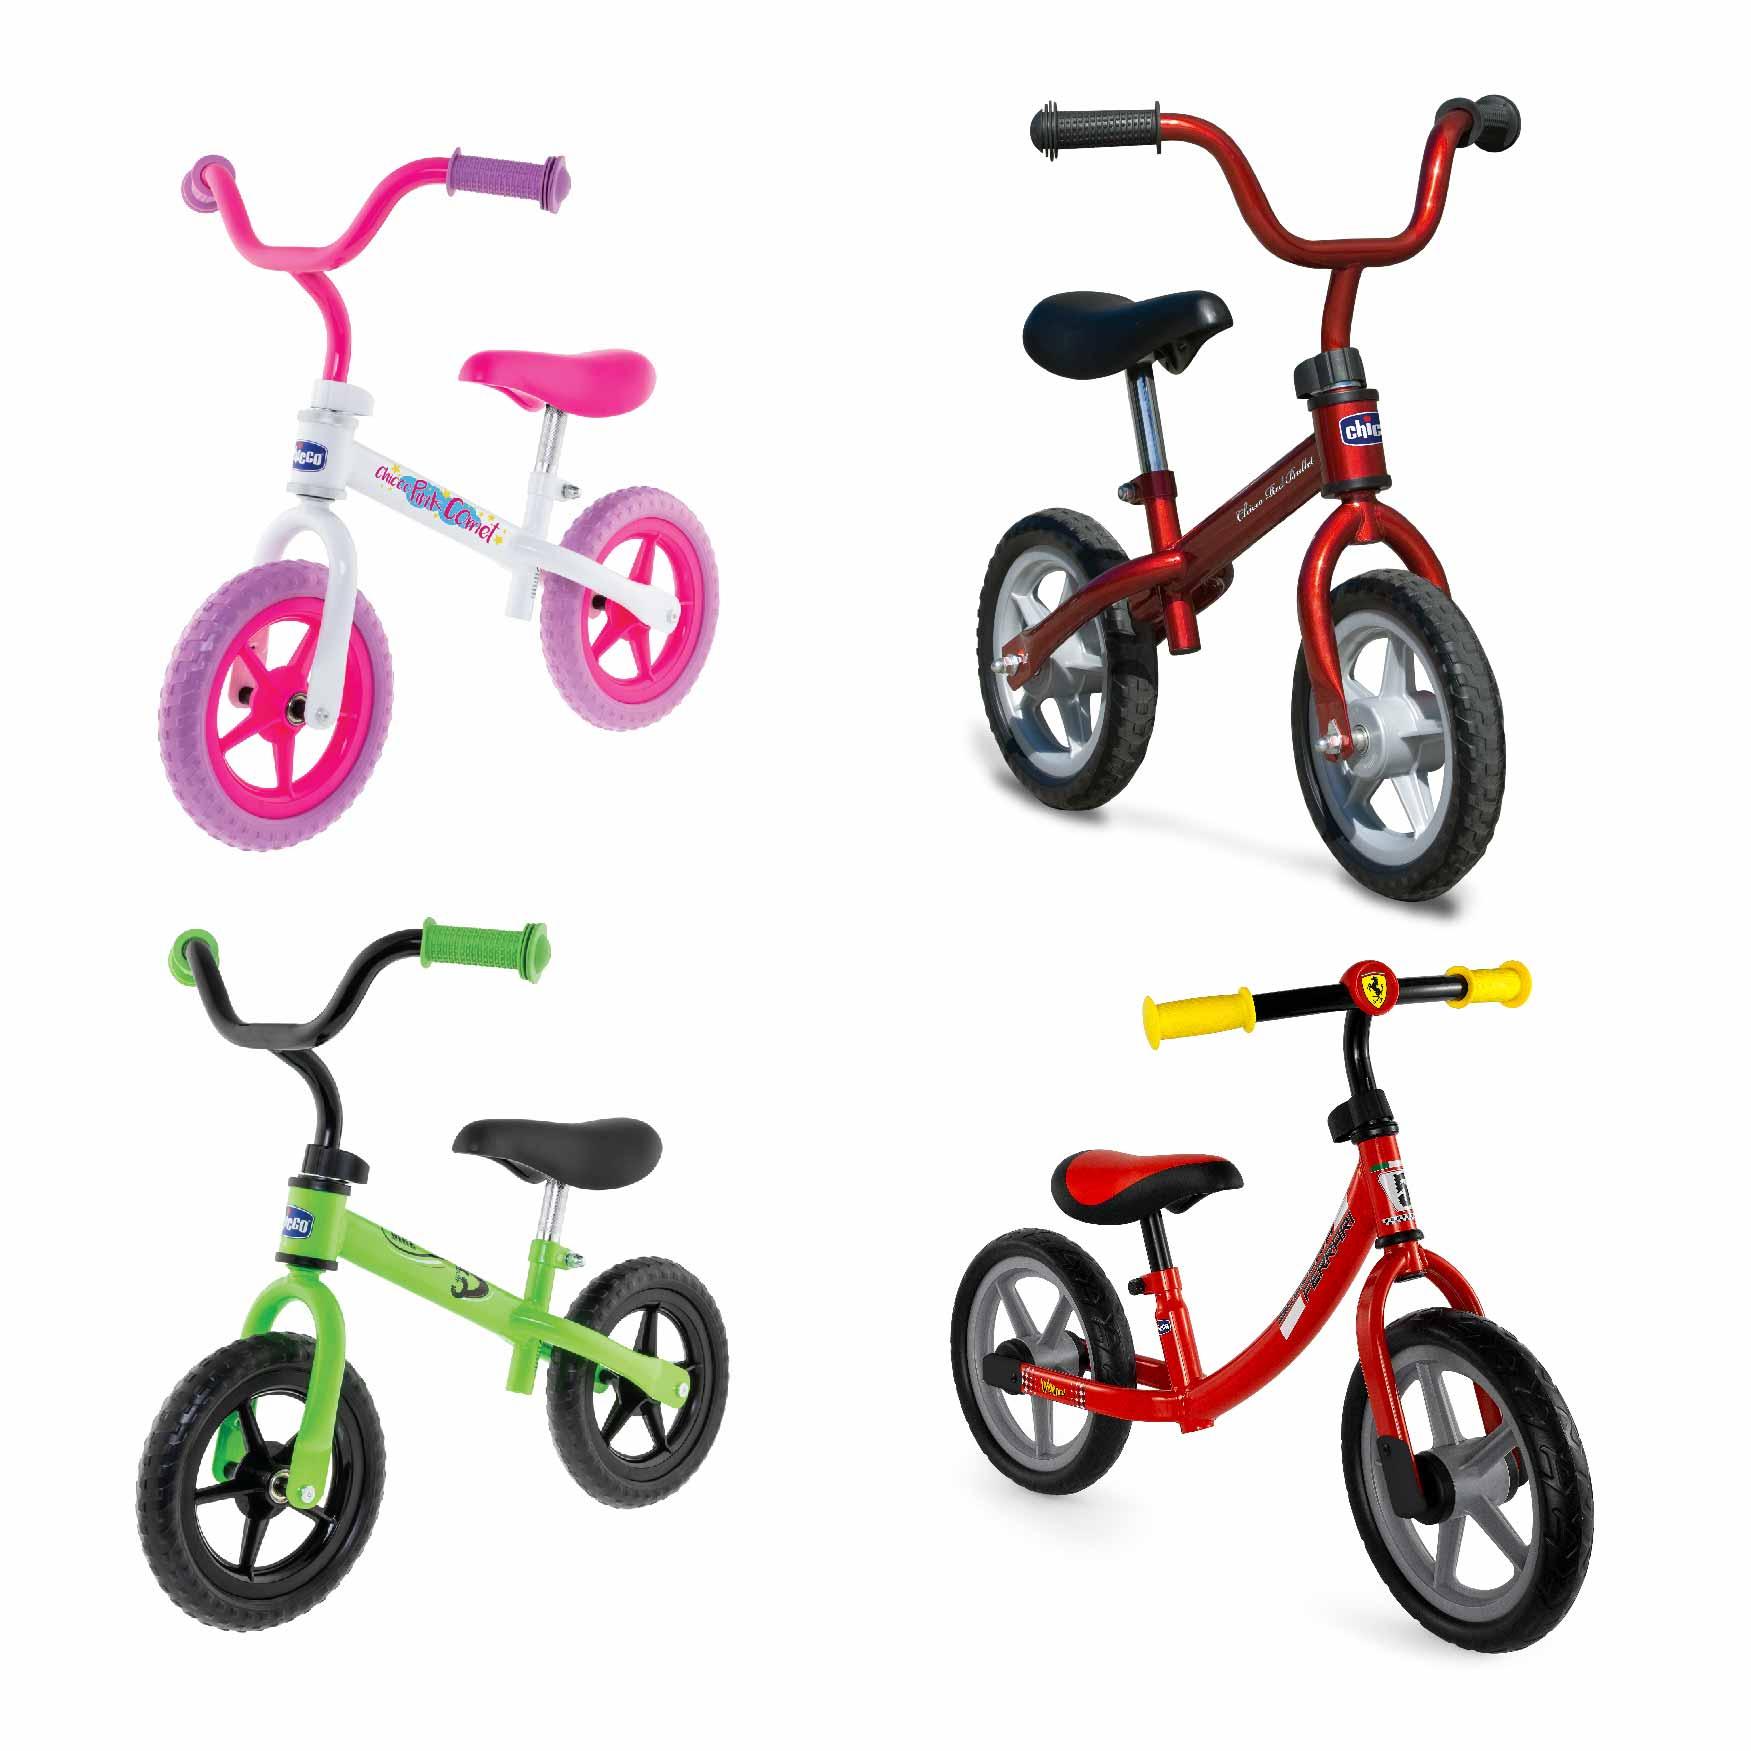 Bicicletas e triciclos